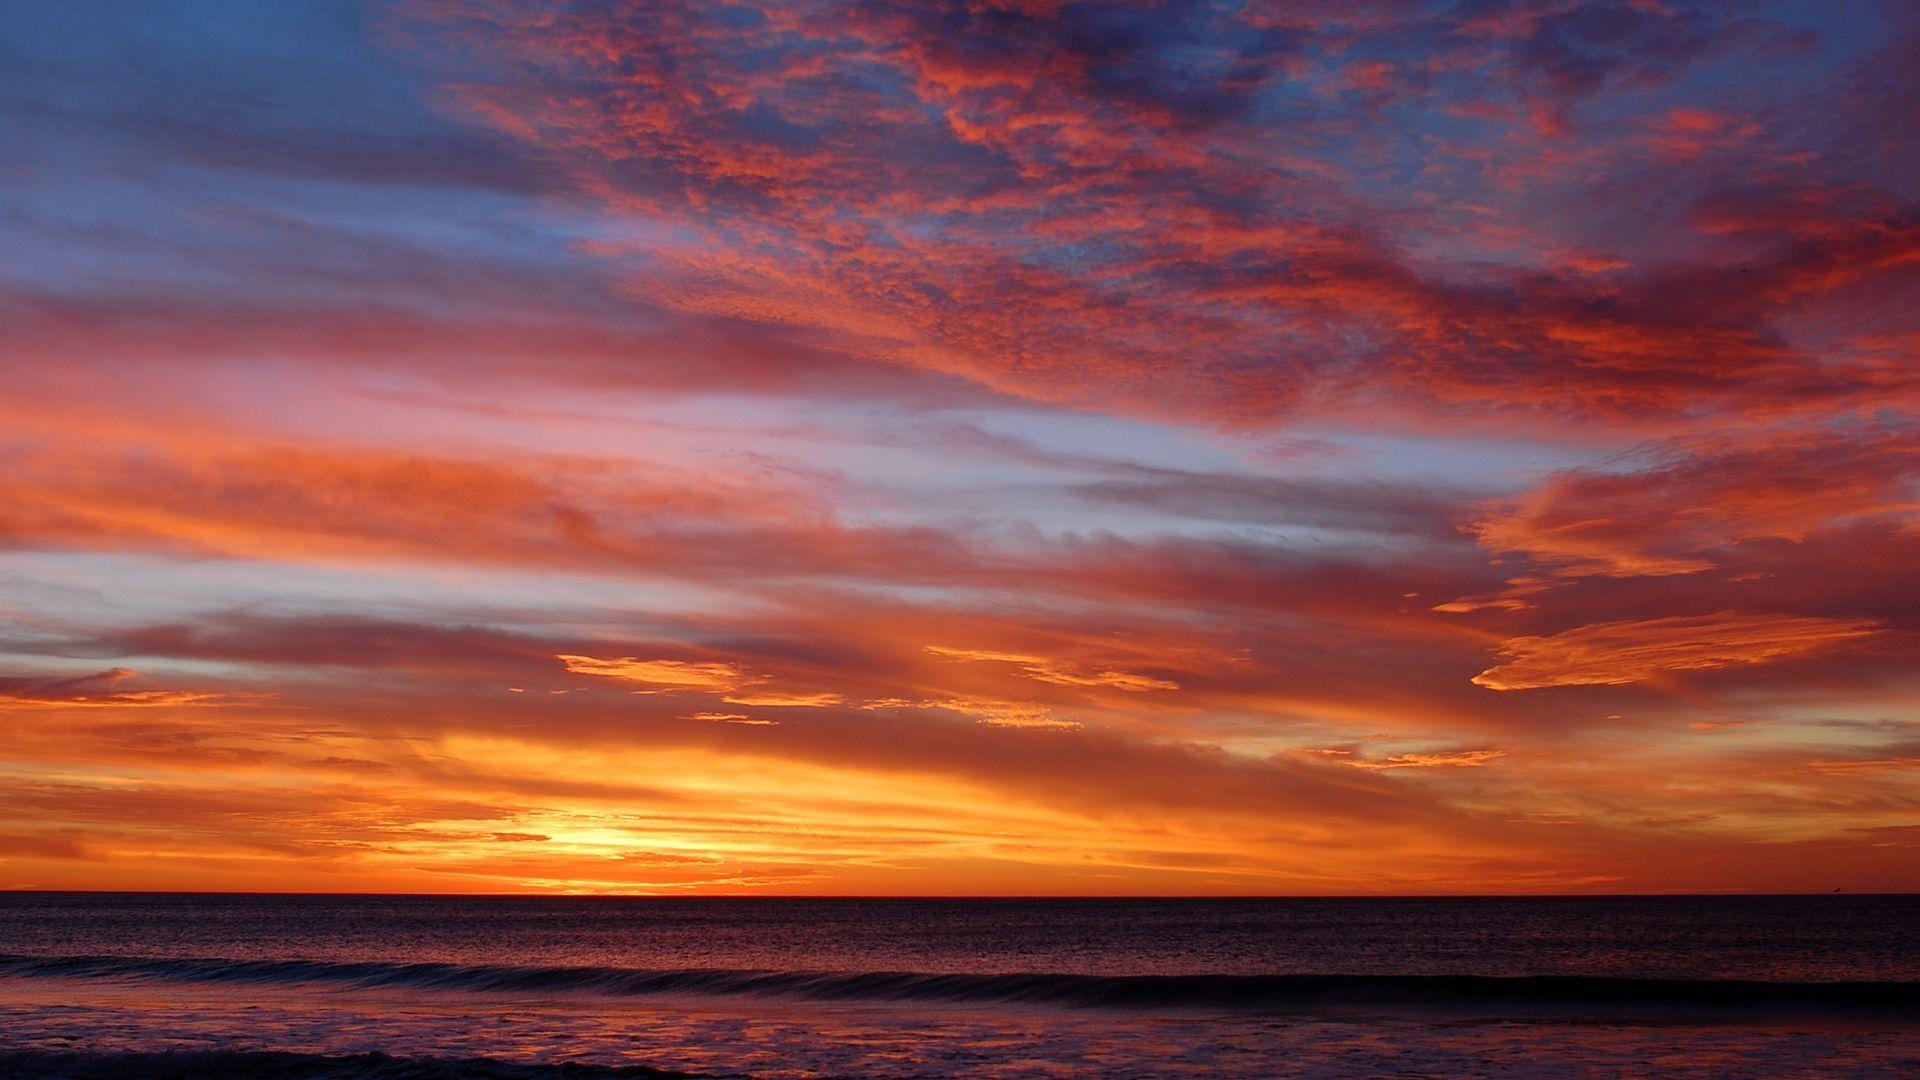 Wallpaper Hd Sunset